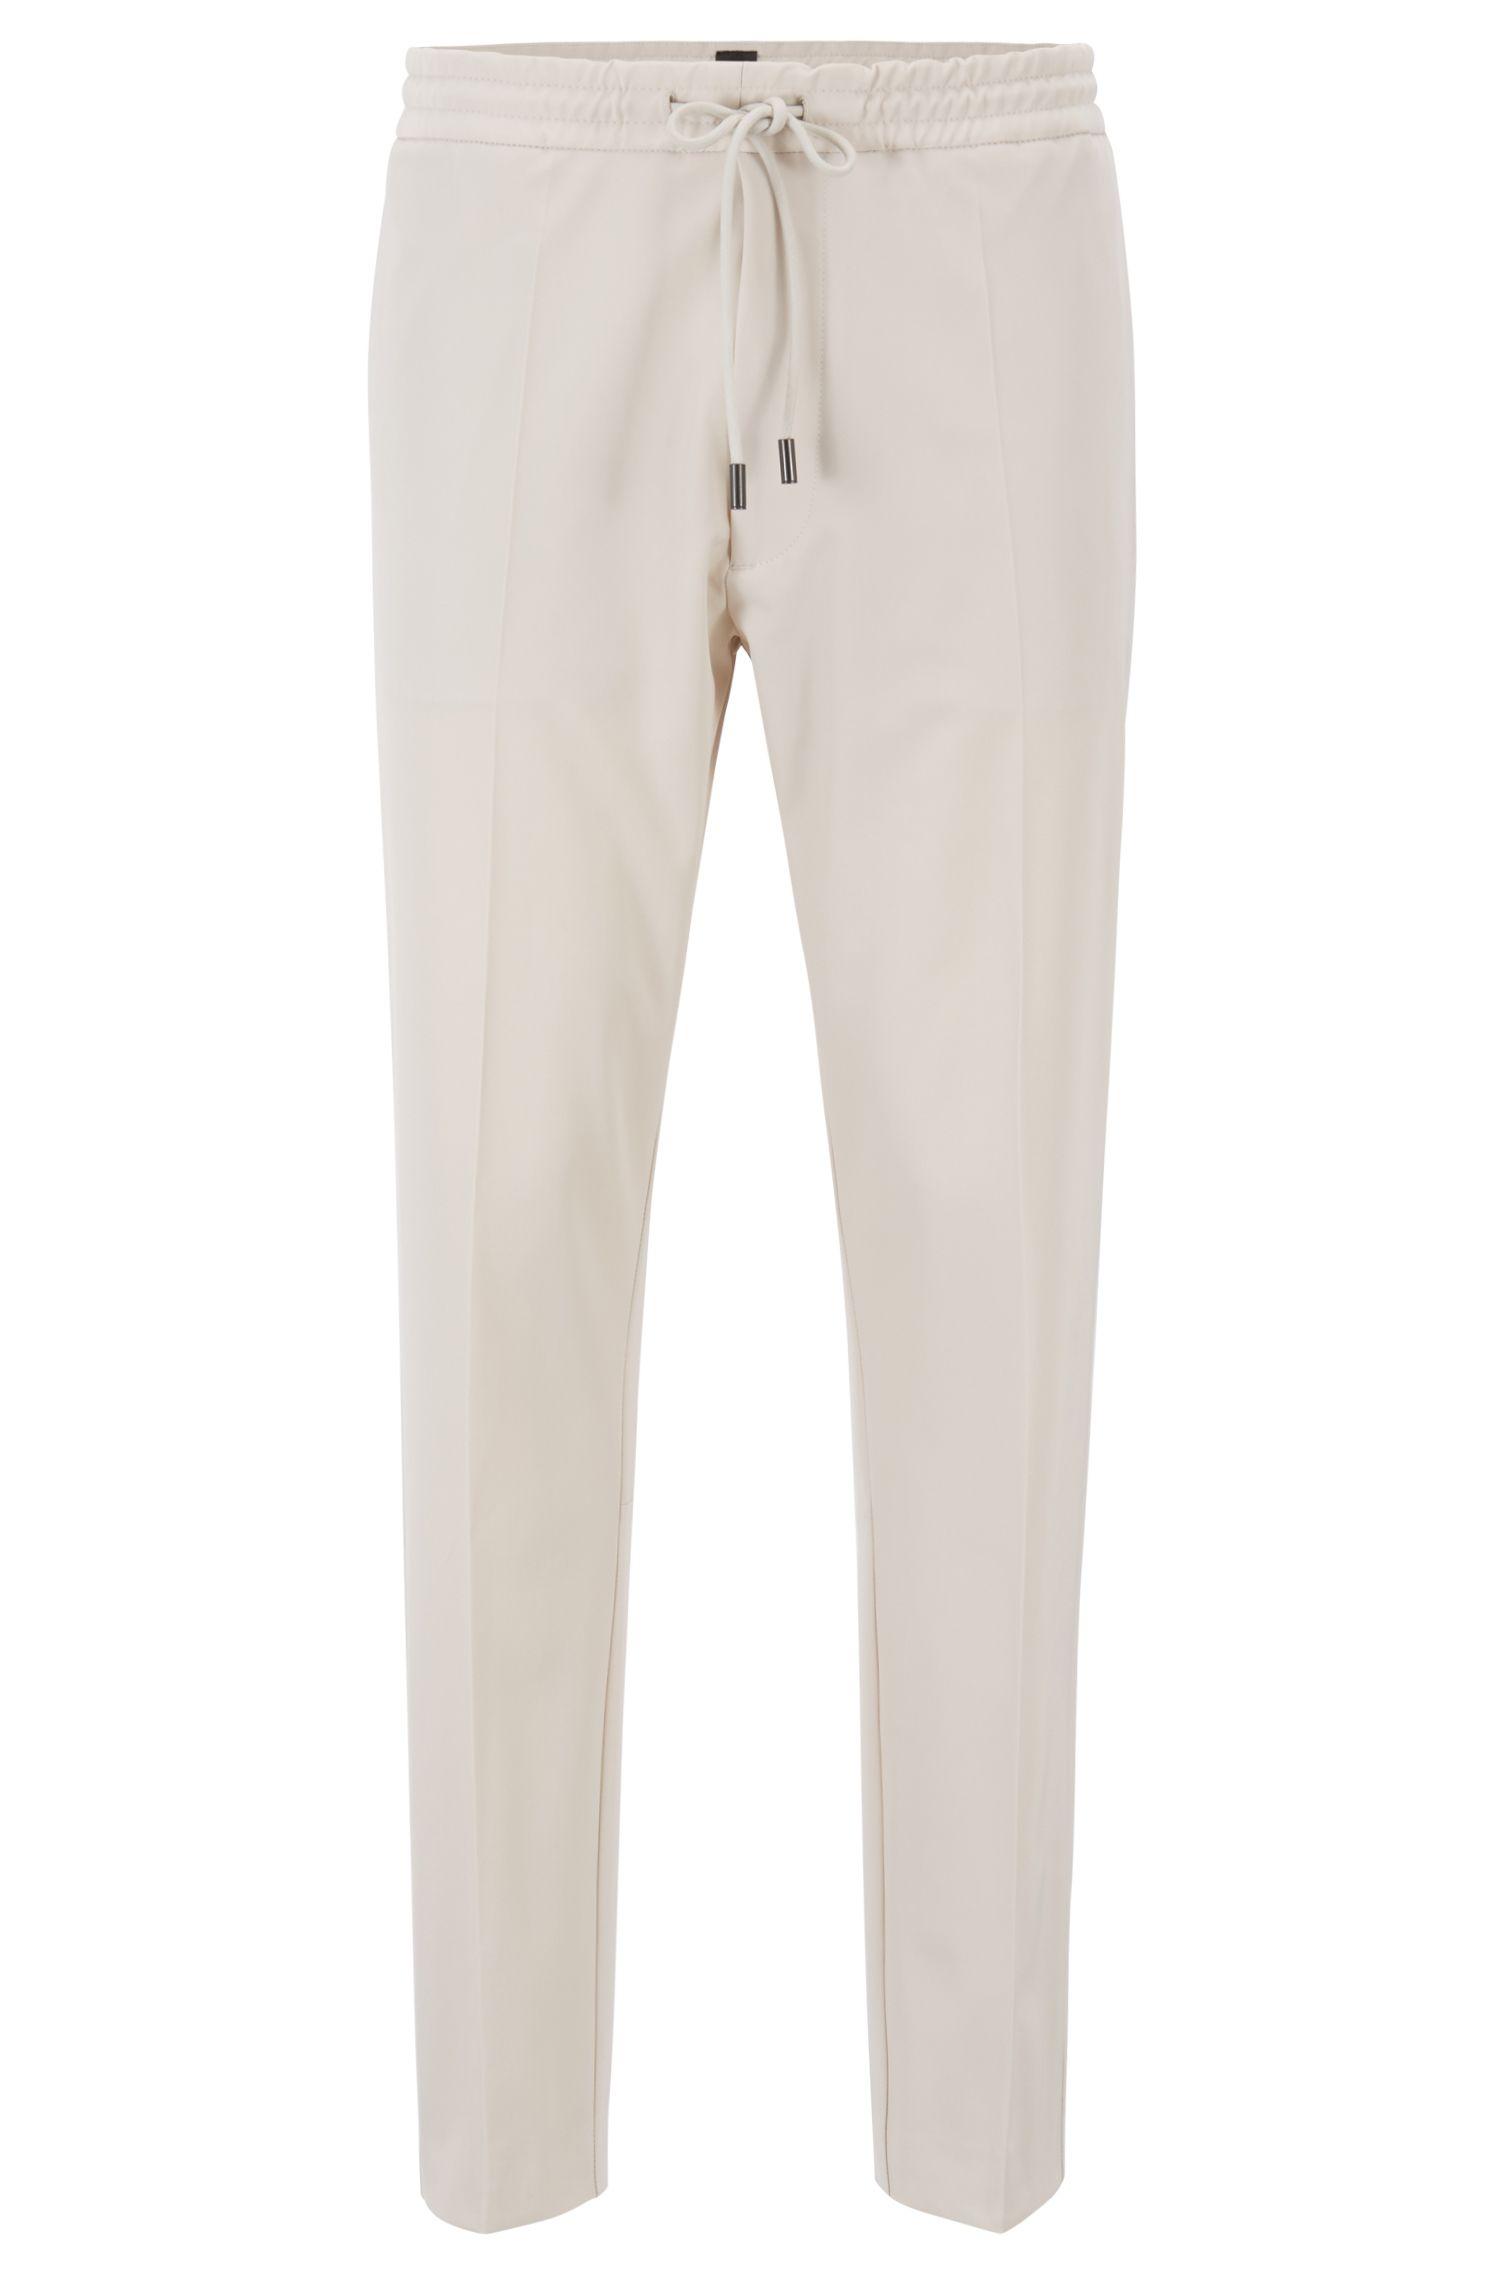 Pantaloni relaxed fit in gabardine elasticizzato con fettuccia, Naturale